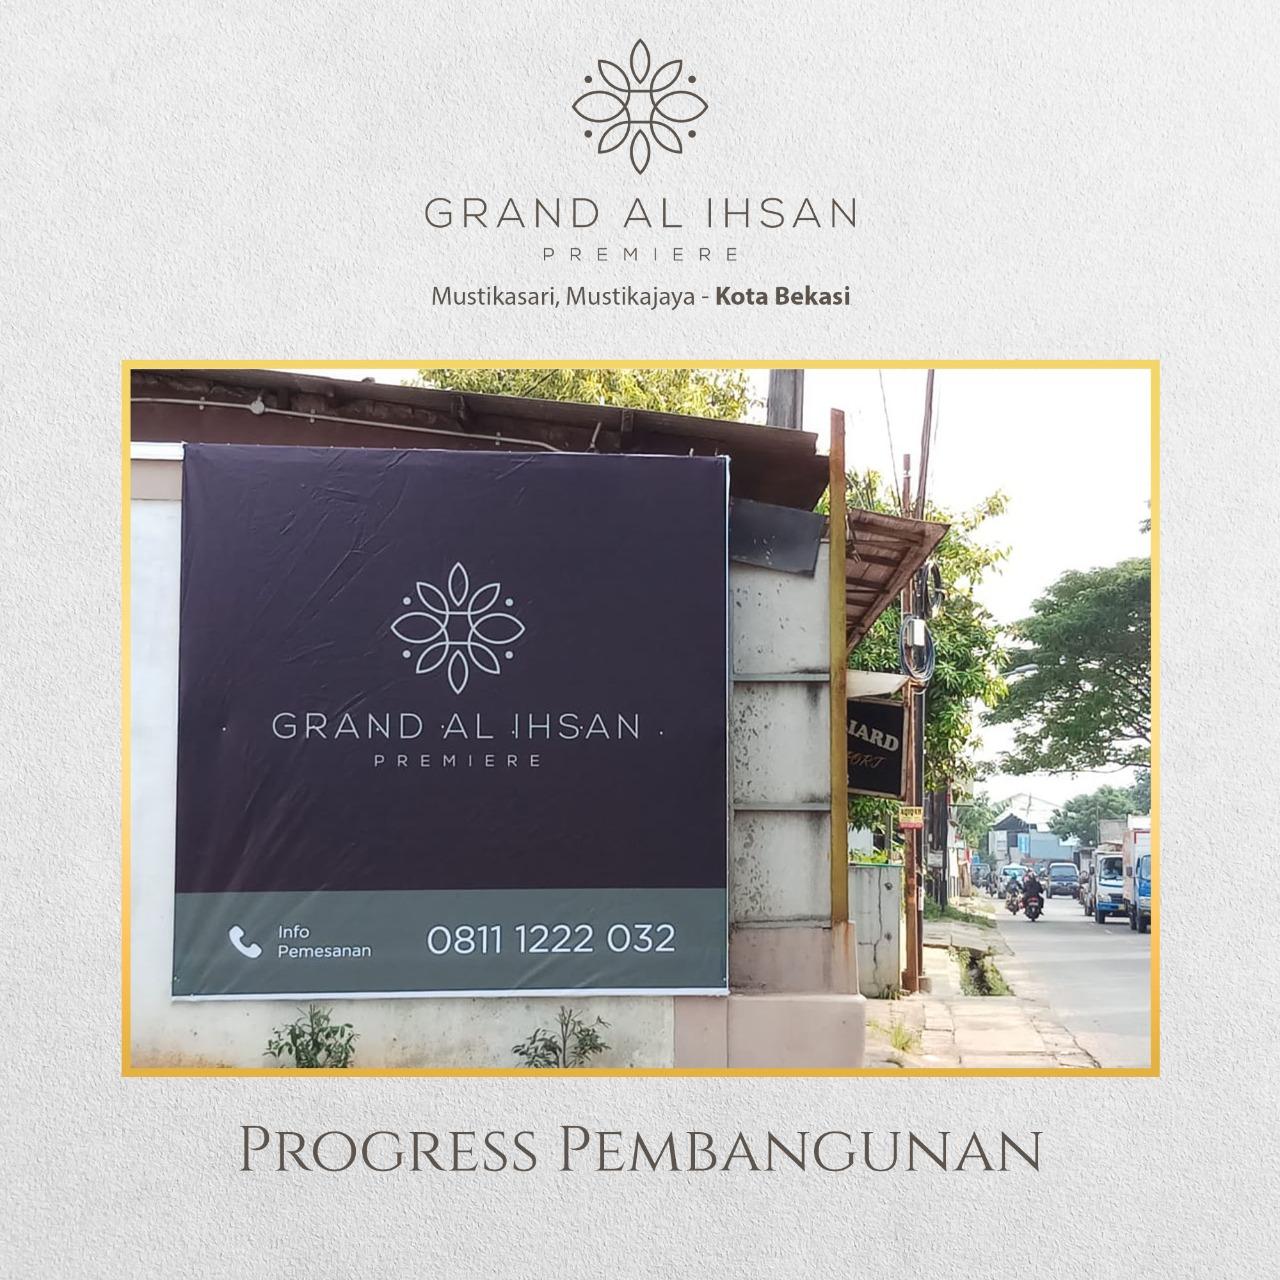 perumahan syariah bekasi kota - perumahan syariah mustikasari - foto lokasi 15 - grand al ihsan premiere - gap - grandalihsanpremiere - nprosyar - dav prosyar - davpropertysyariah